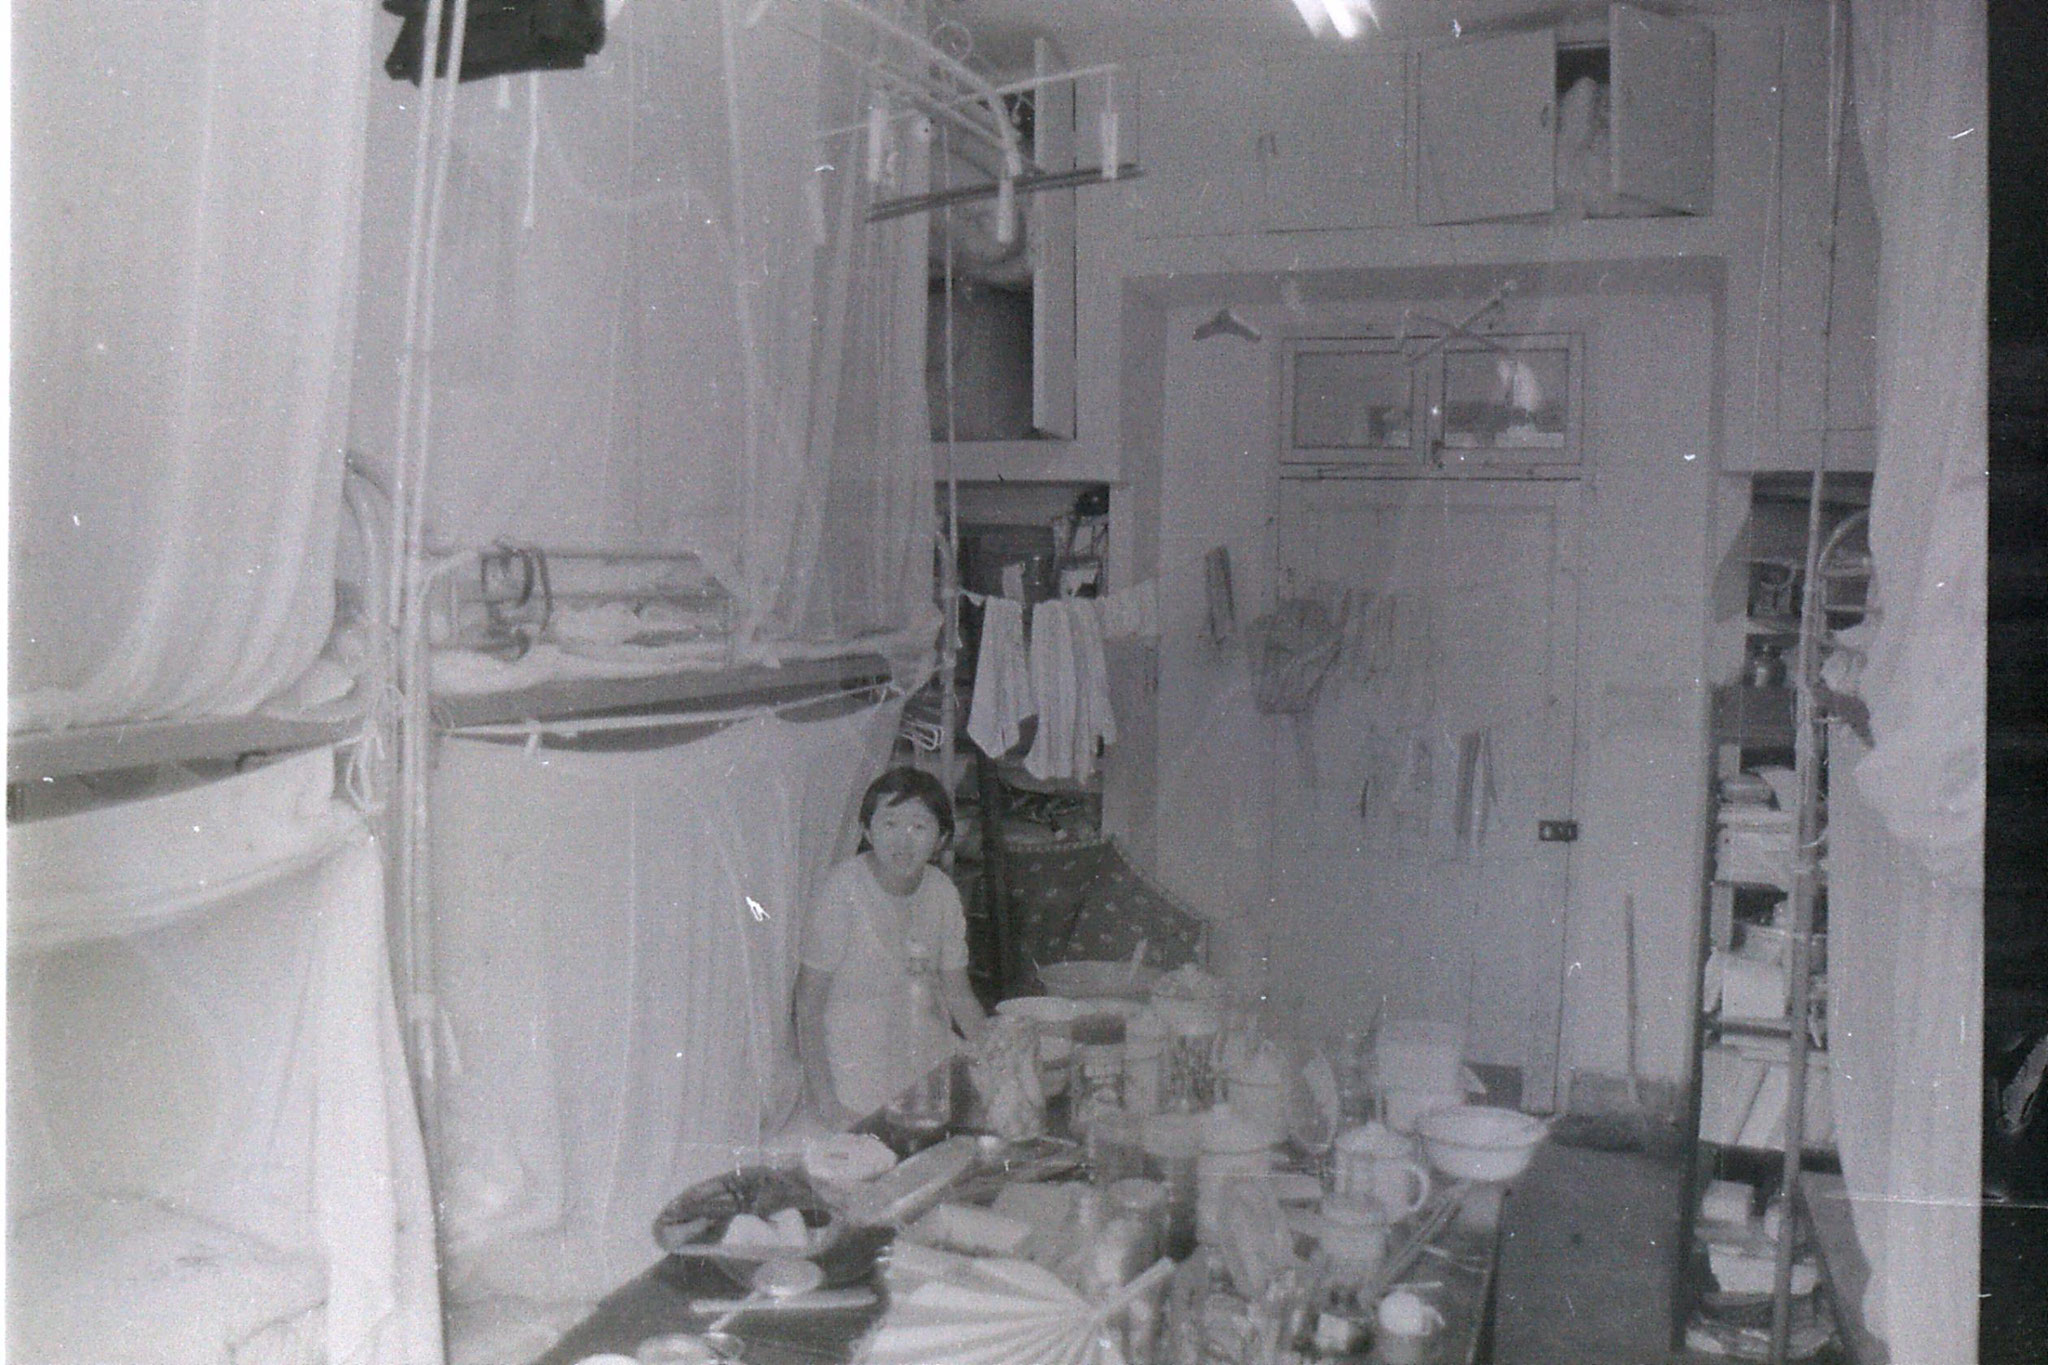 1/8/1989: 1: Zheda student dorm